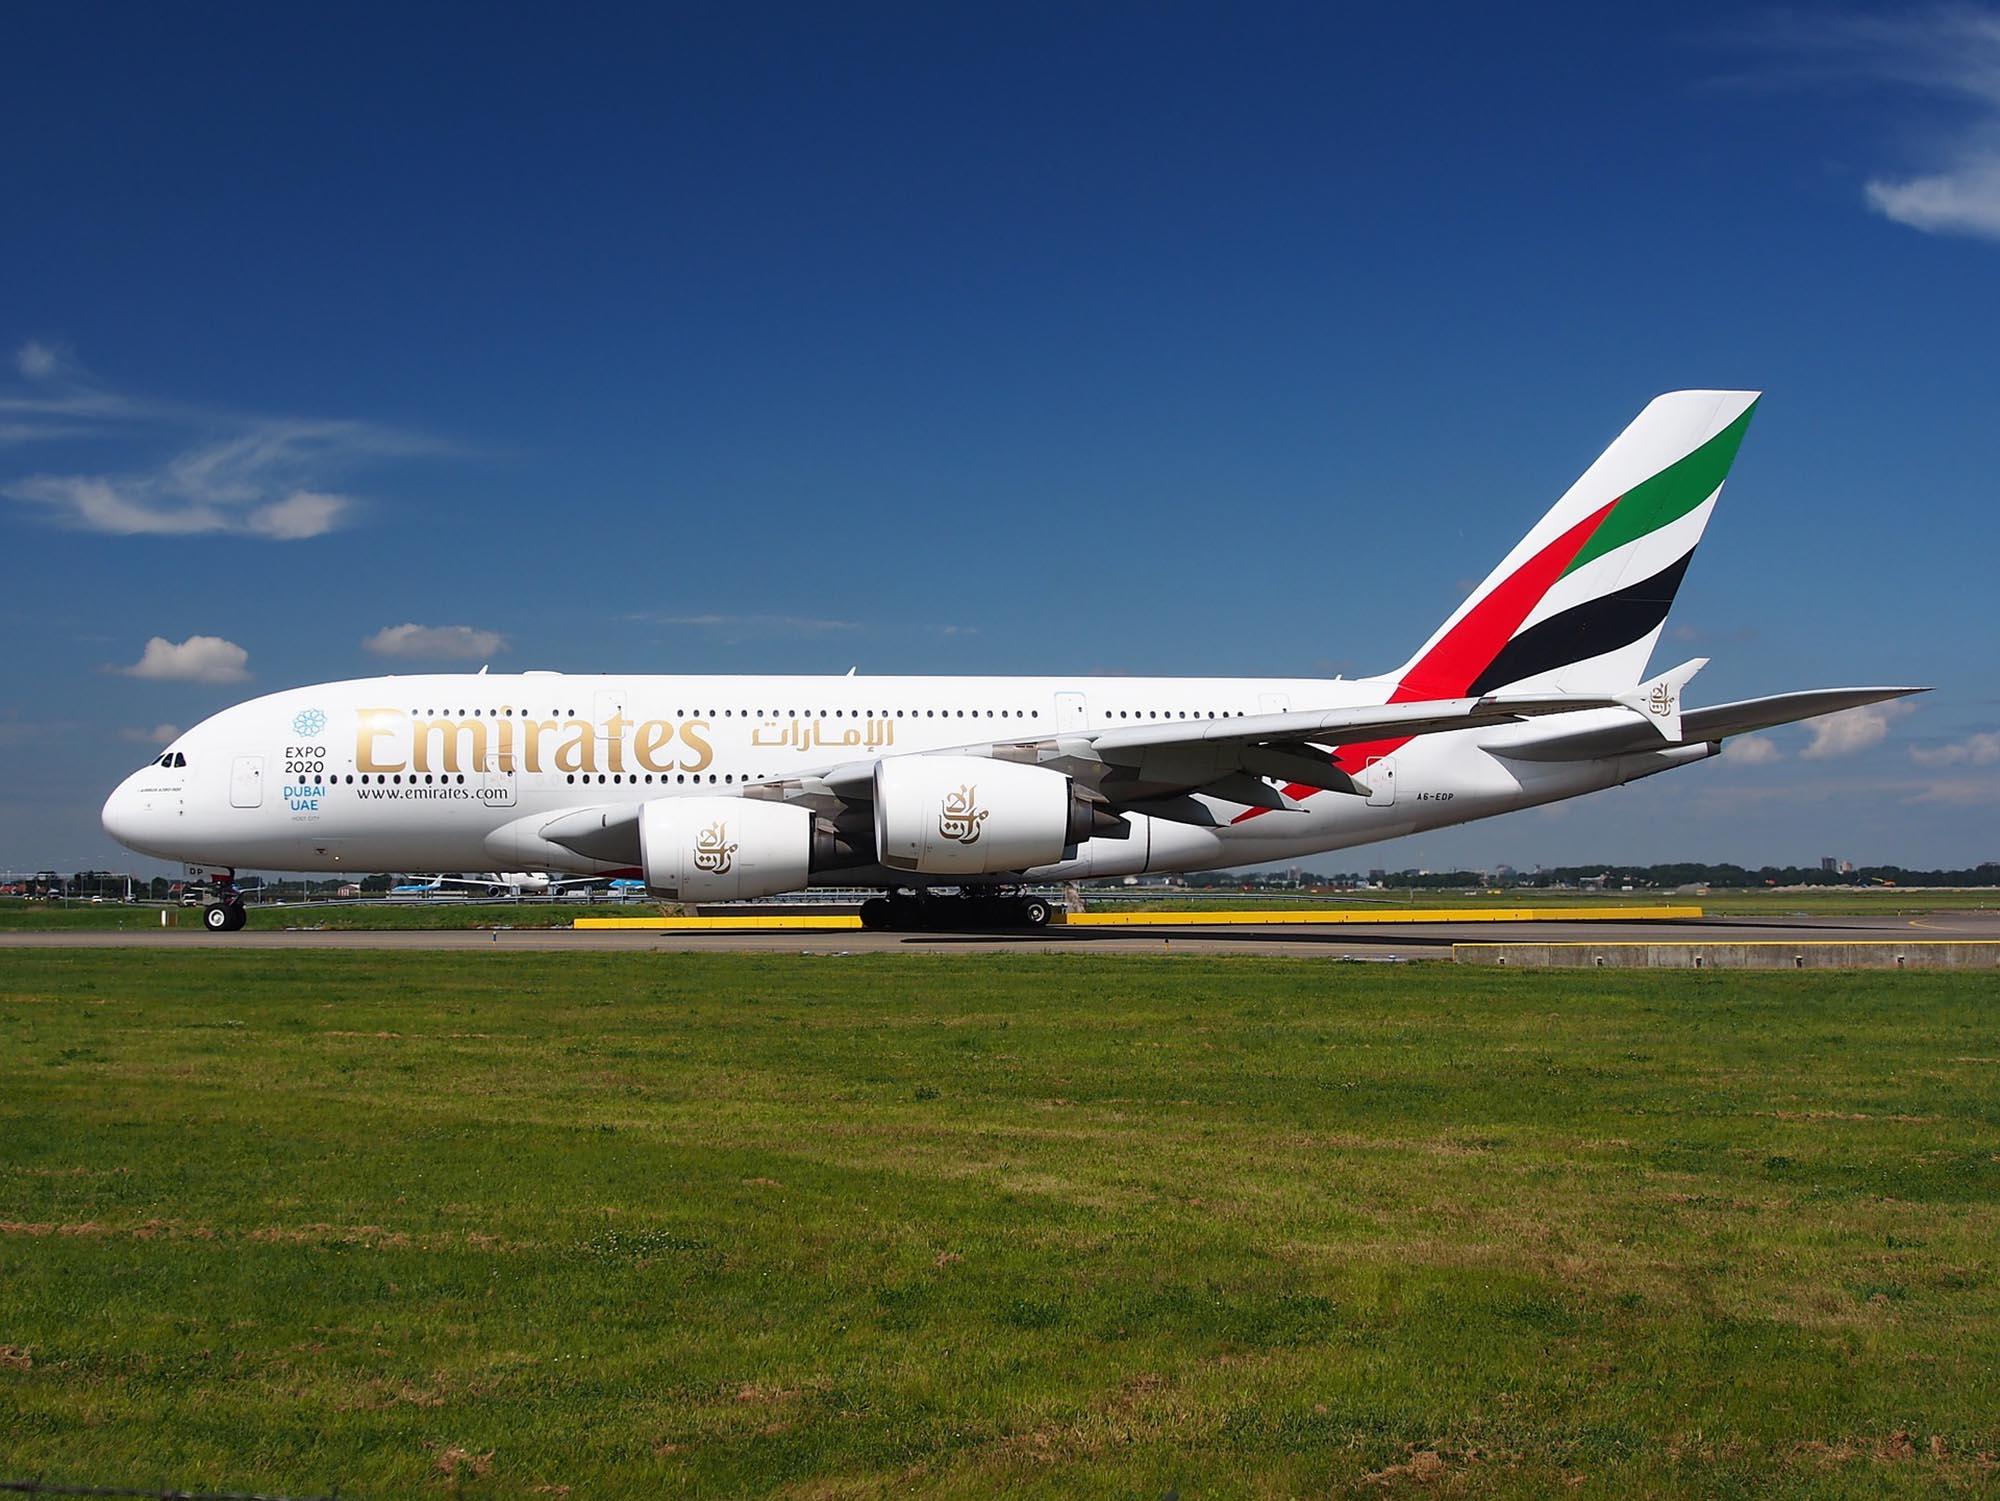 Emirates verkozen tot 's werelds beste vliegmaatschappij